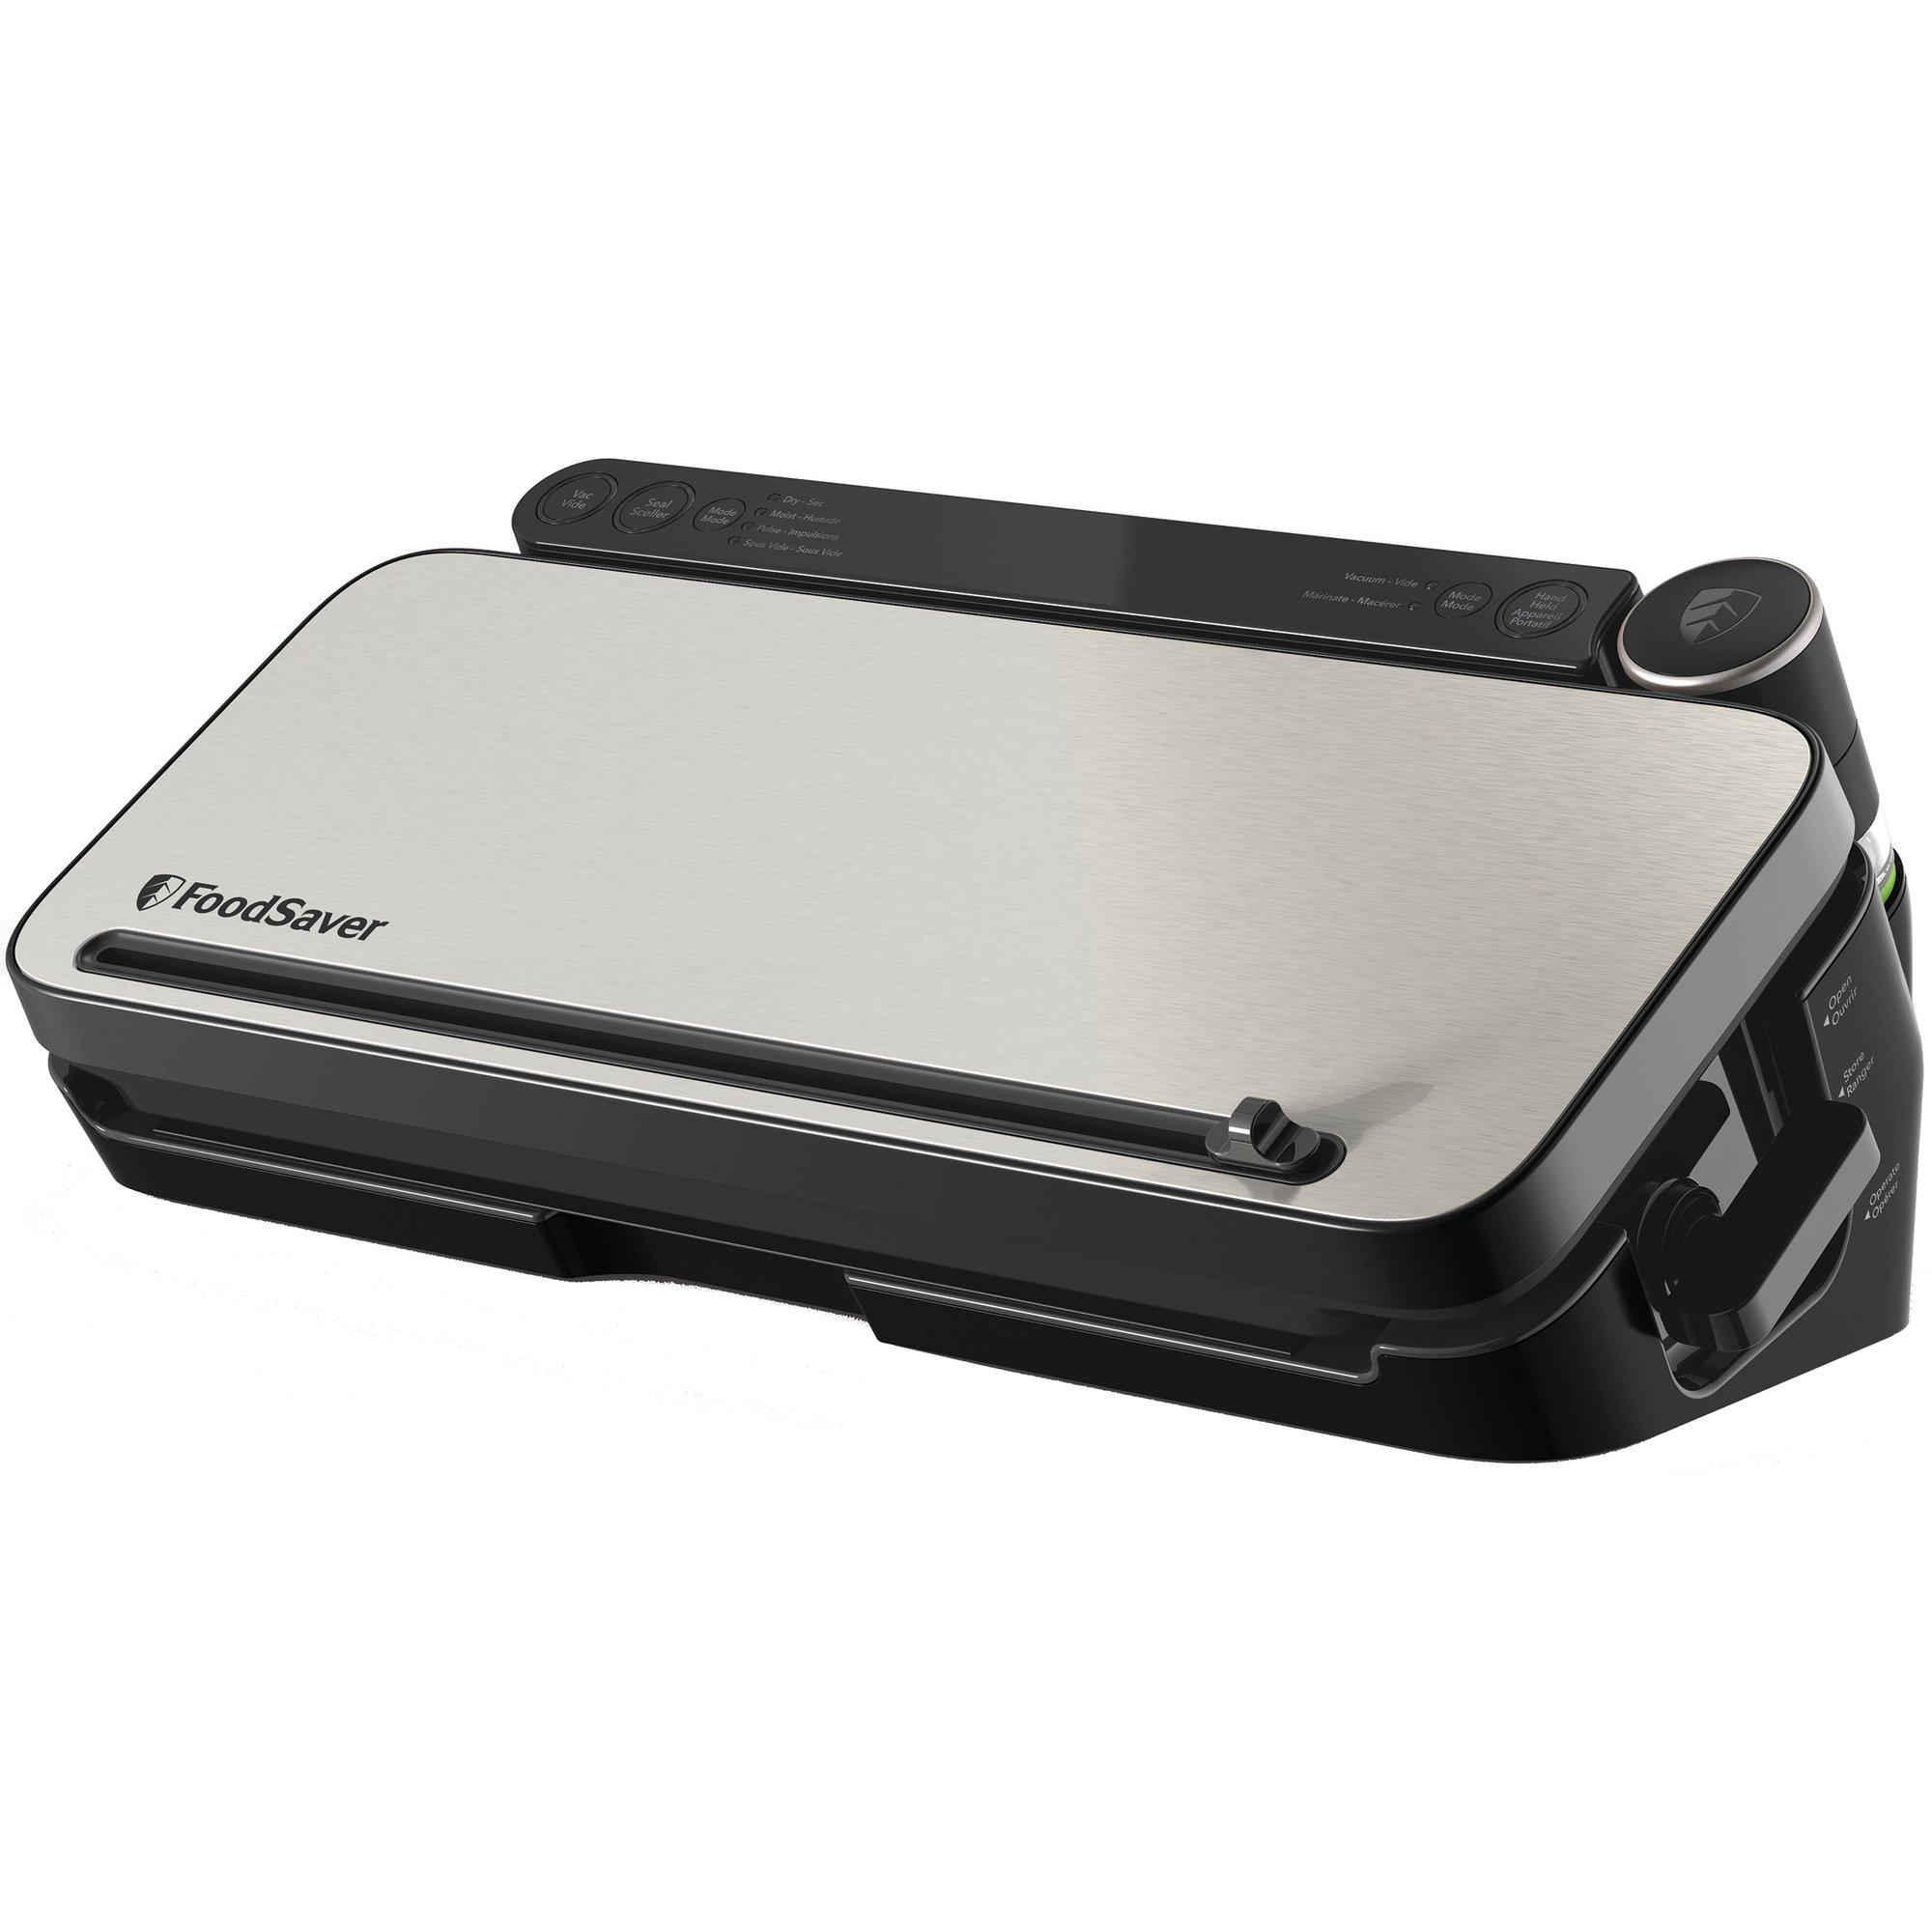 FoodSaver VS3190X Vakuumförpackare